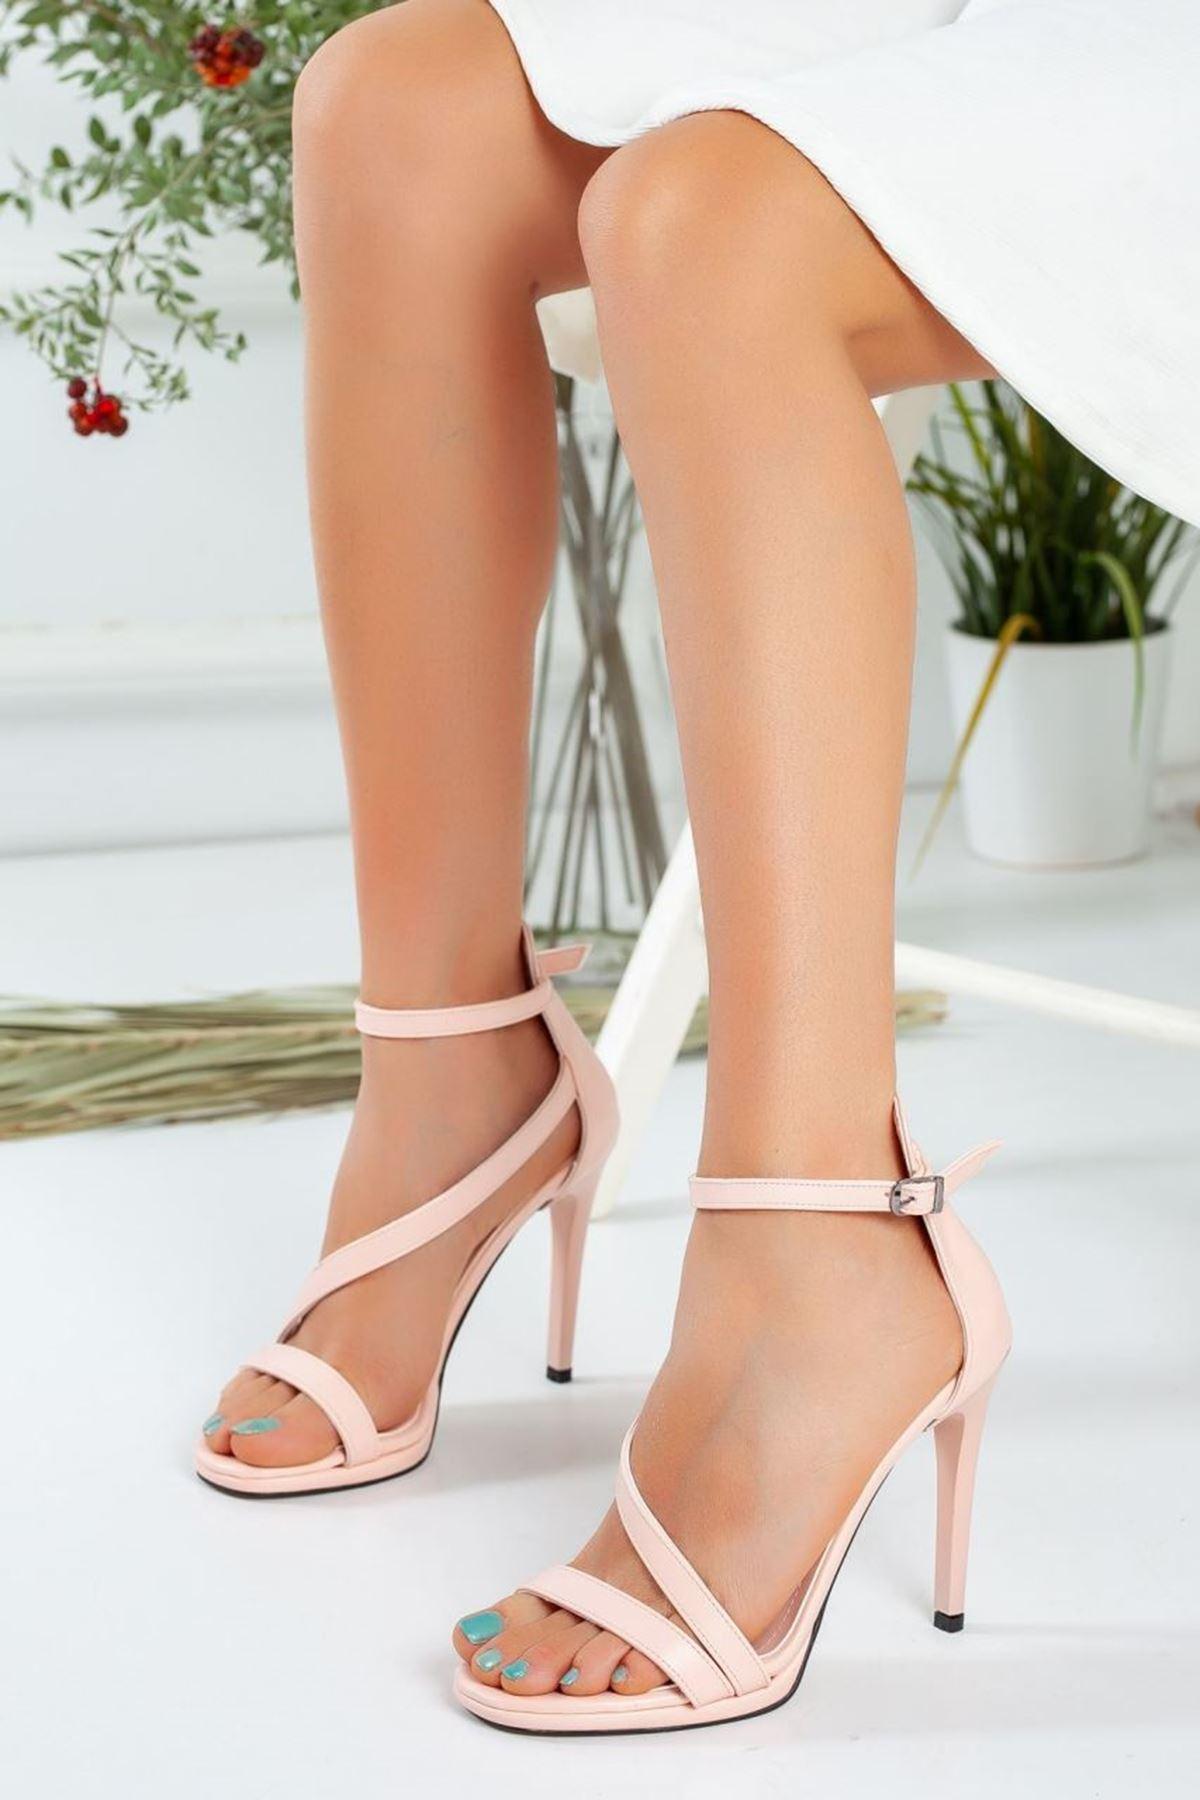 Kadın Camils Çapraz Bant Detayı Yüksek Topuklu Ayakkabı Mat Derİ Pudra